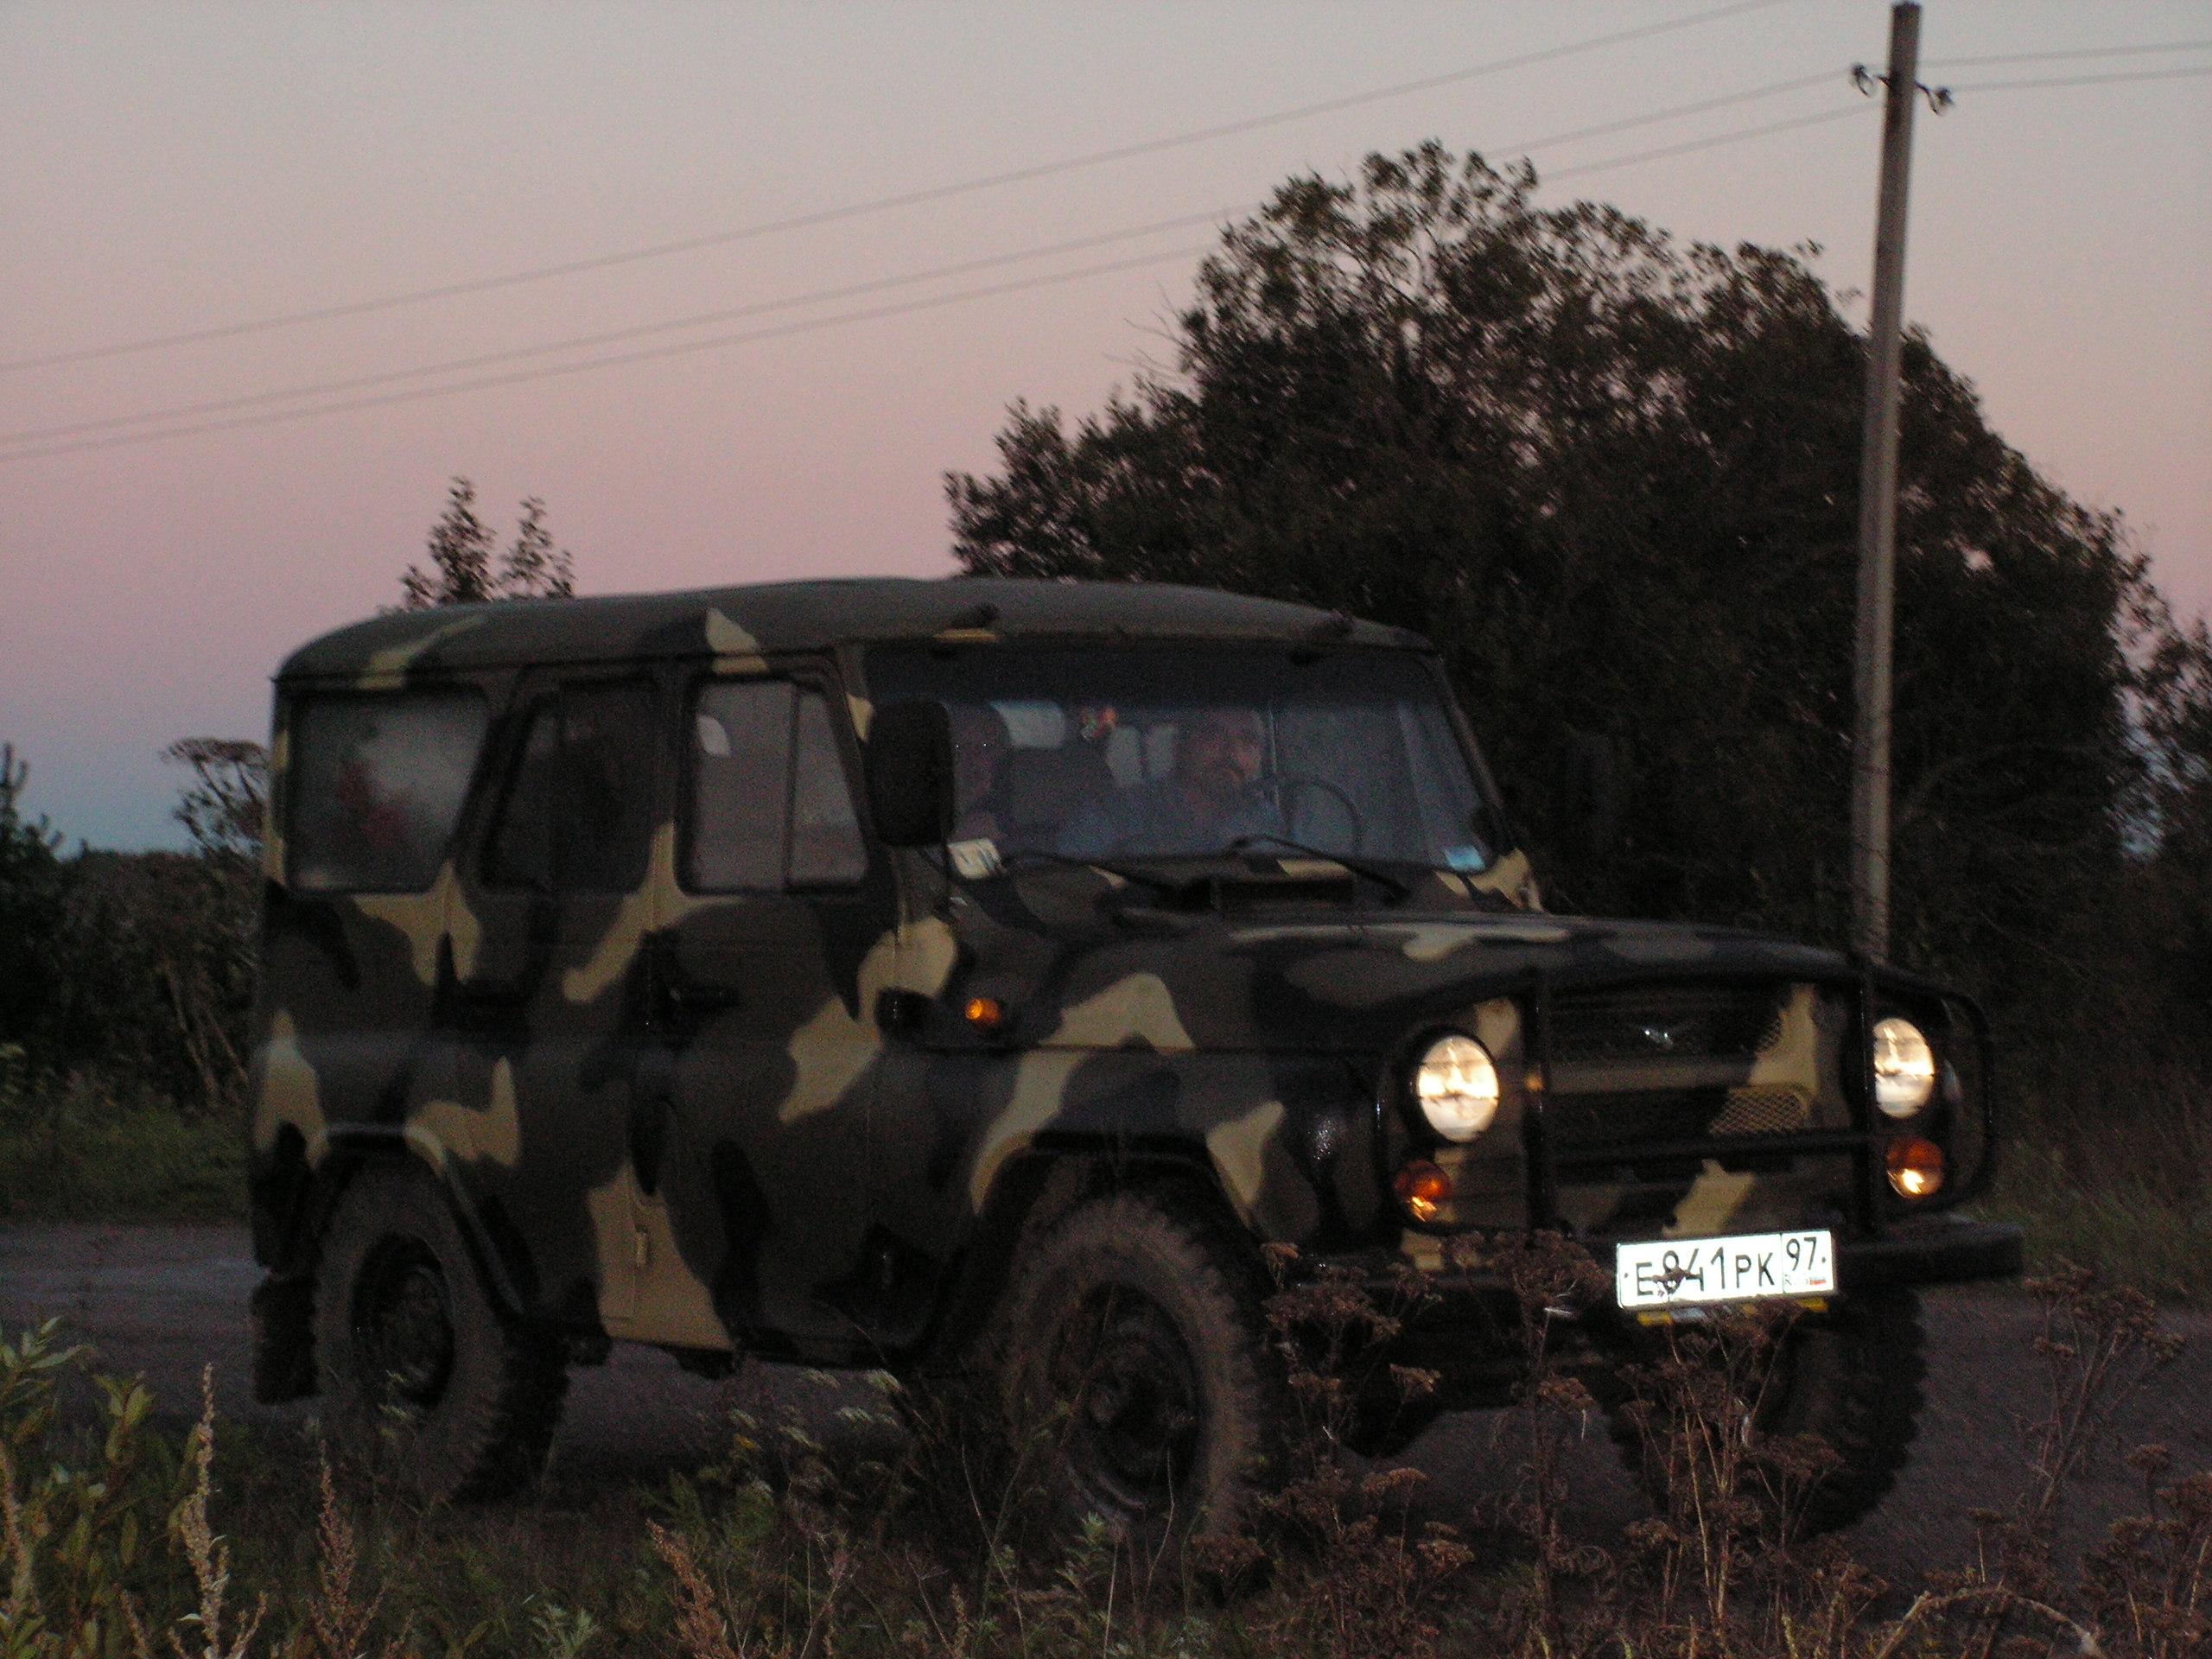 Покраска УАЗа в камуфляж своими руками - Ремонт и тюнинг кузова 38